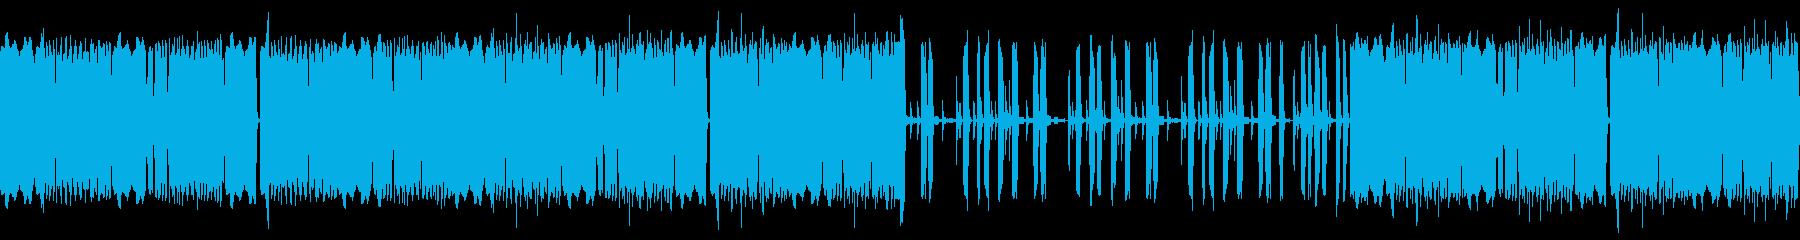 レトロゲーム シューティング系 の再生済みの波形